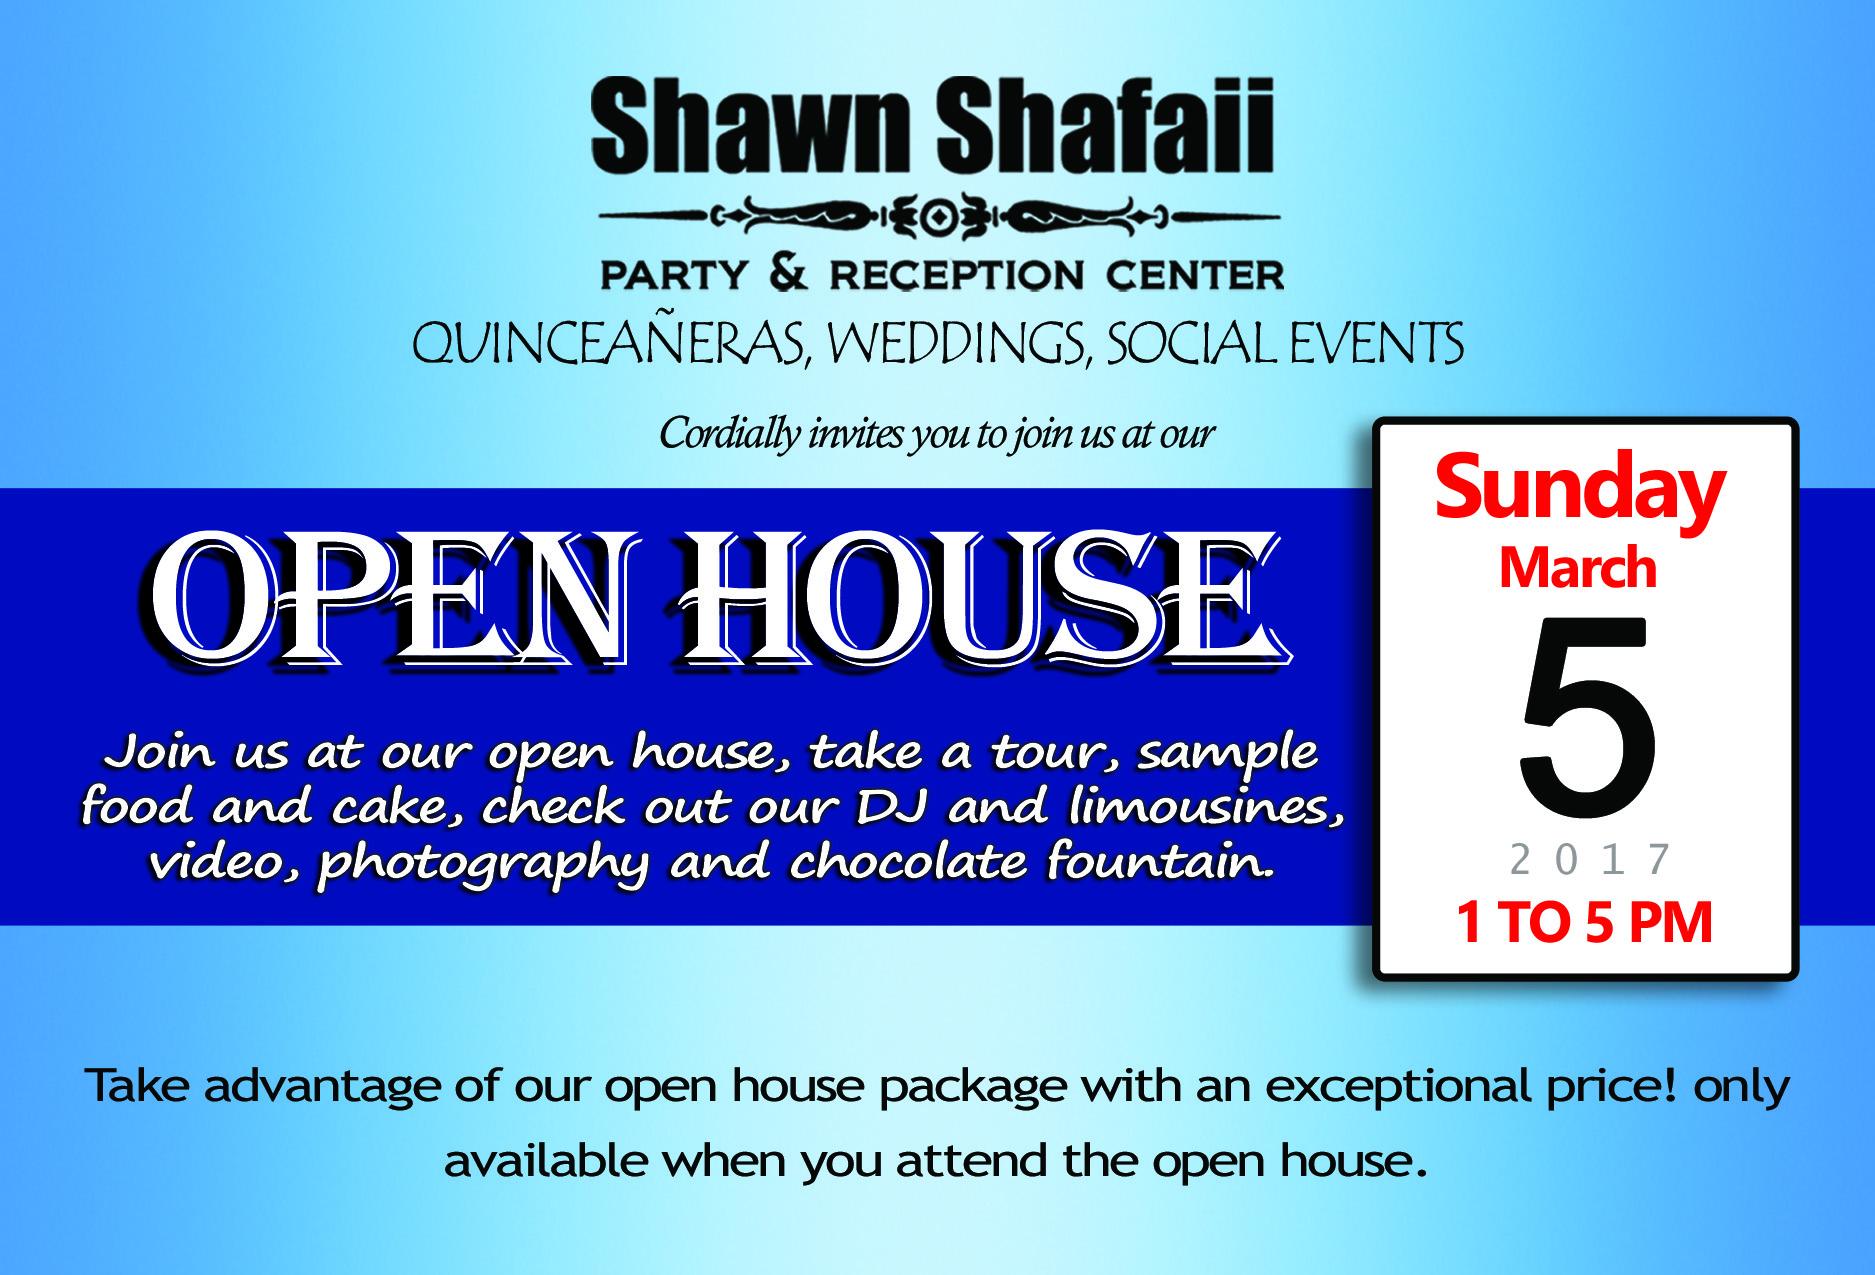 shawn shafaii hall